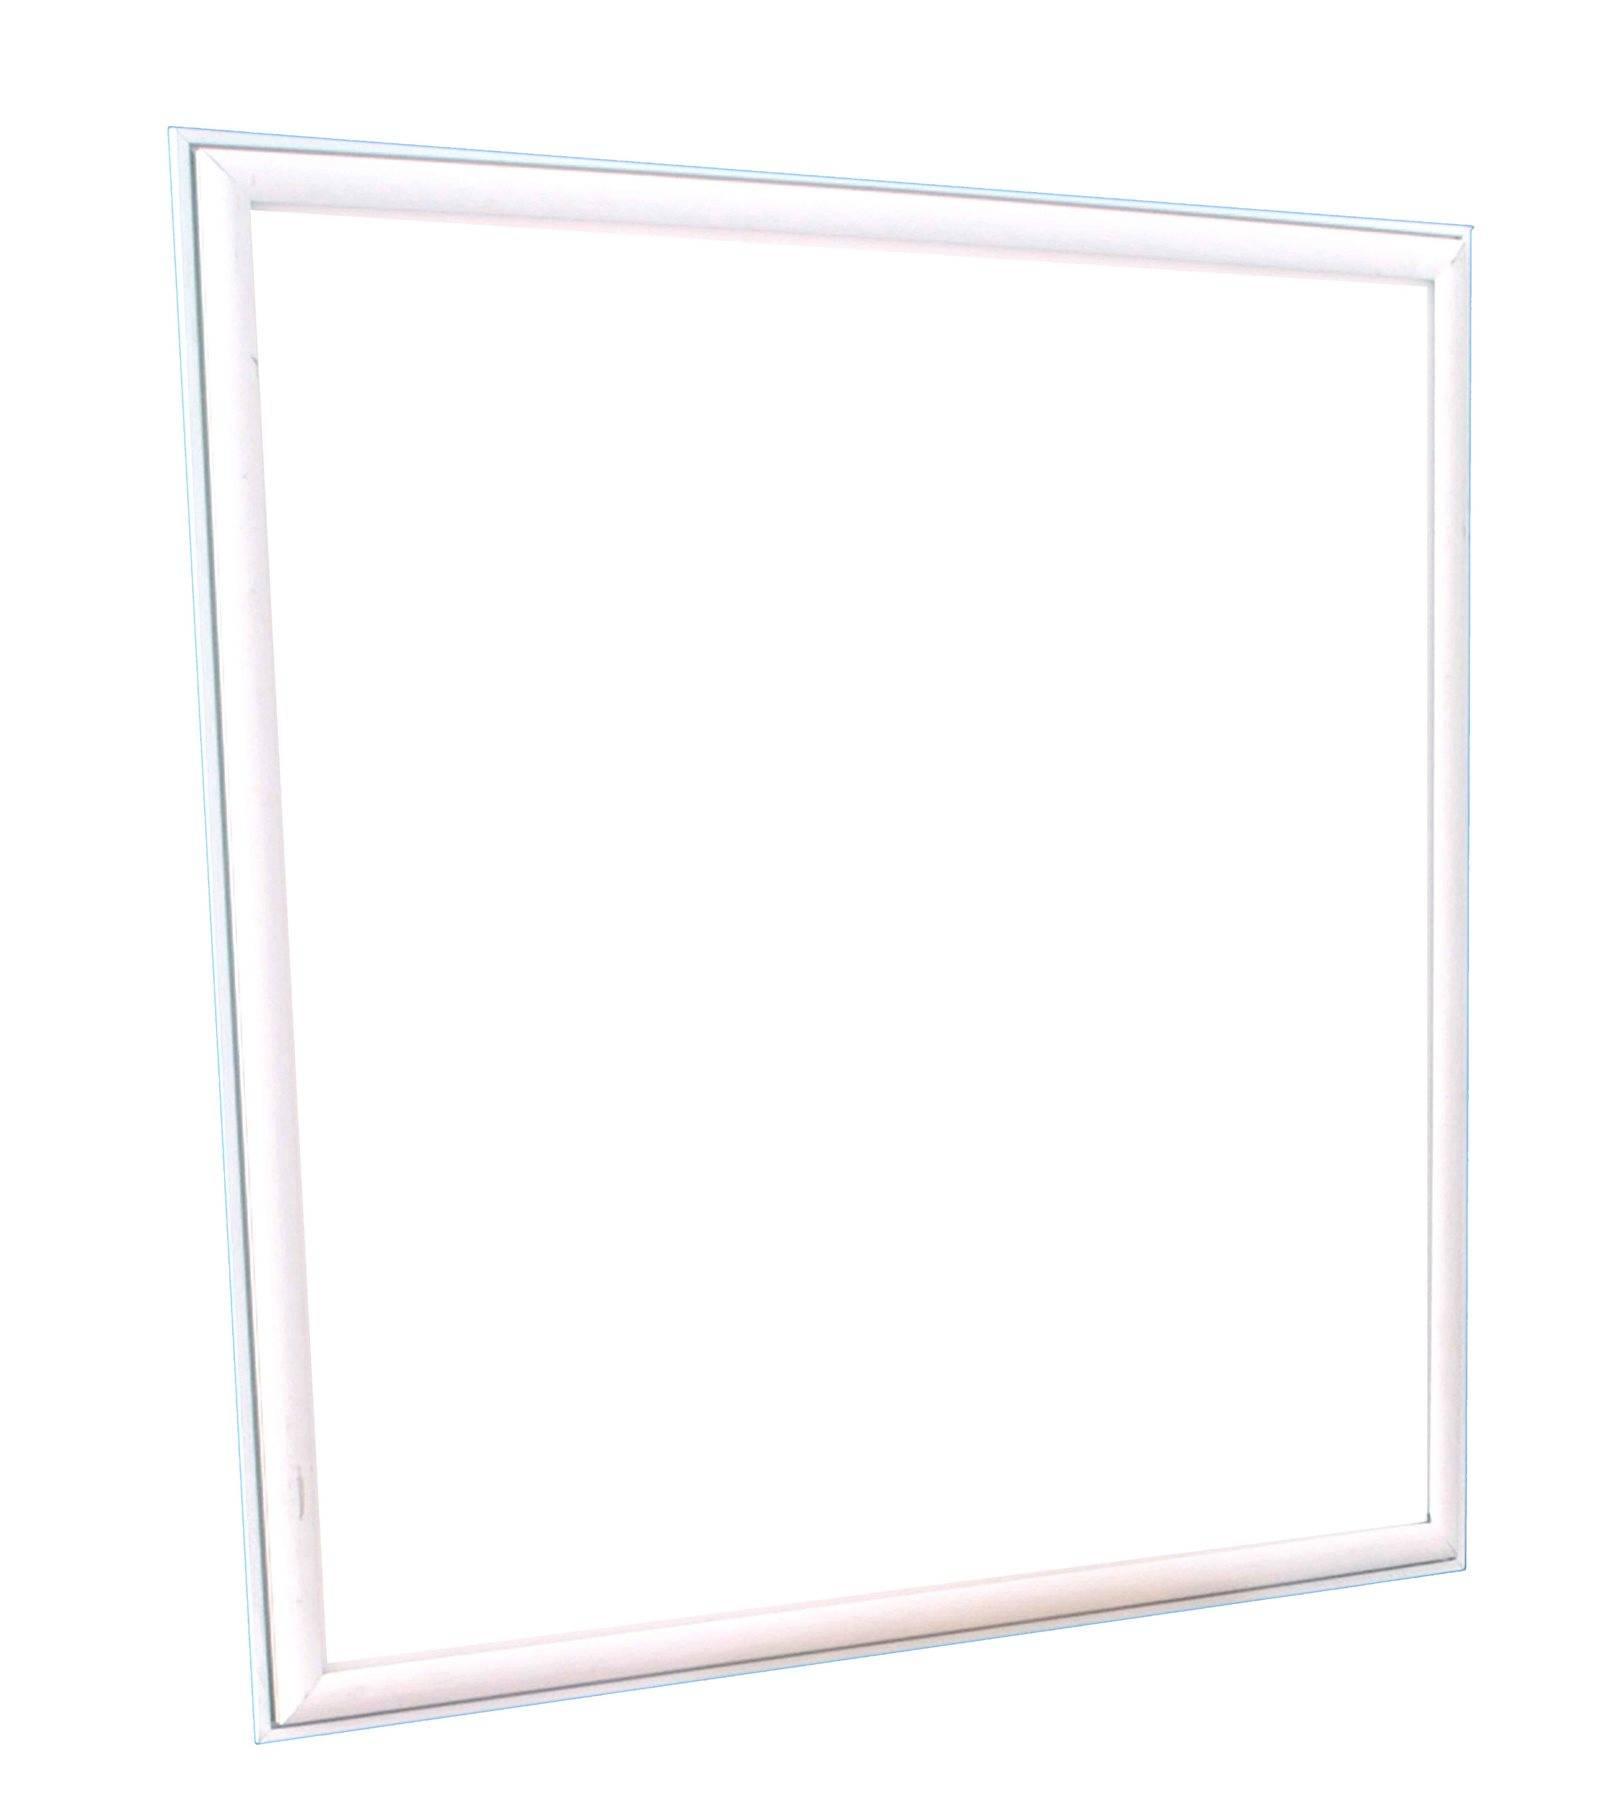 dalle plafonnier 6060 blanc carr led smd int gr ip20 45w blanc neutre vtac dalles led. Black Bedroom Furniture Sets. Home Design Ideas